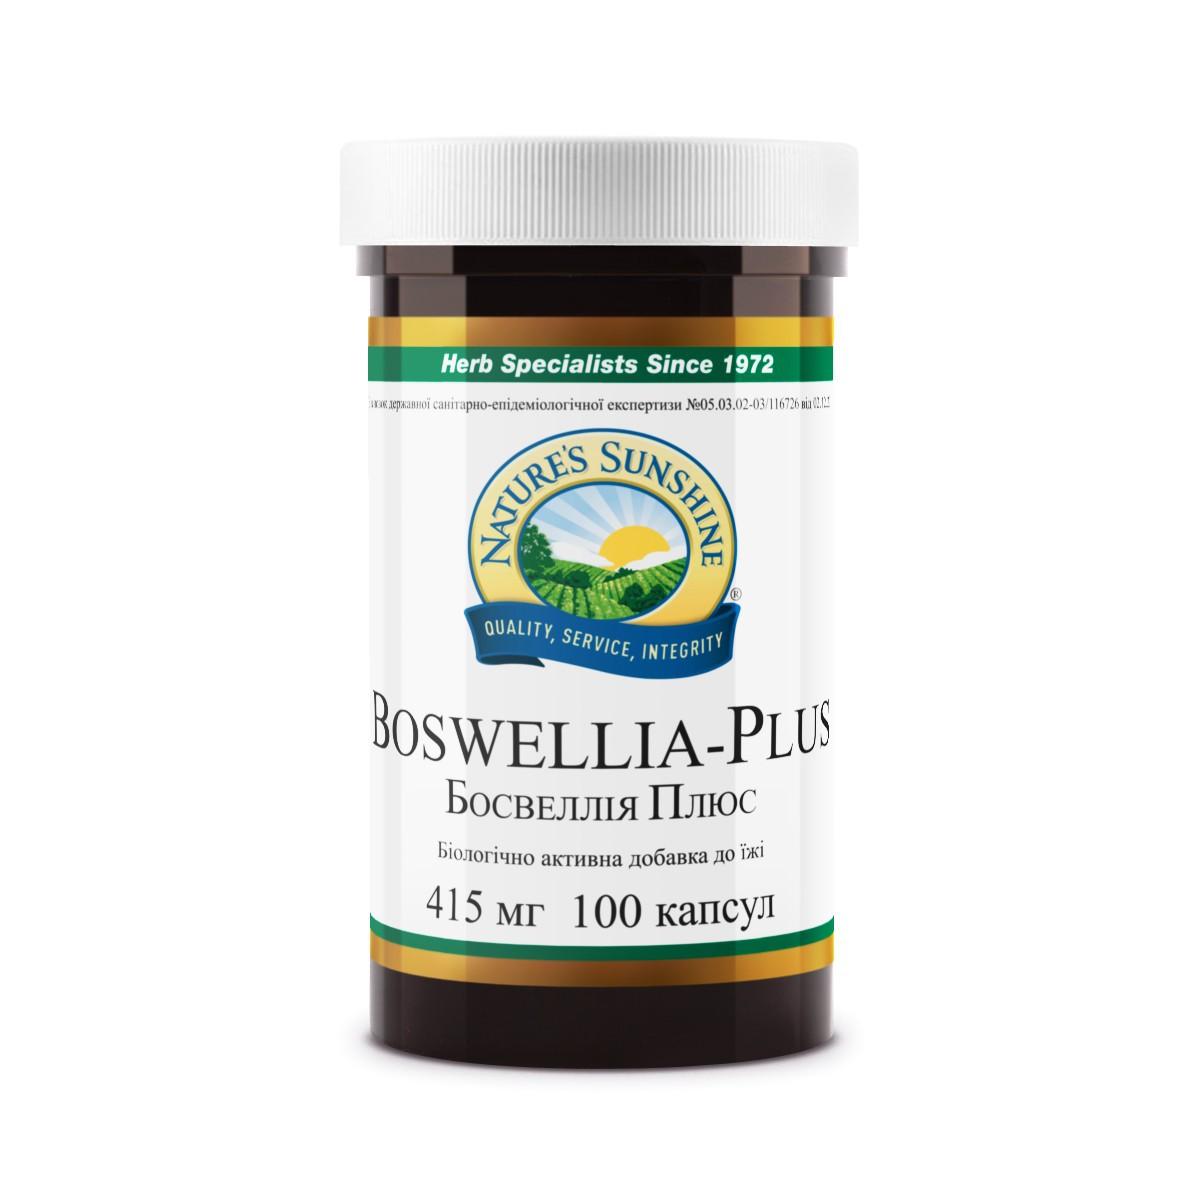 Набор 1+2: Boswellia Plus [1296] (1 шт) + Compact Blusher Baileys [62100] (1 шт) + Compact Powder Almond Cake [62200] (1шт) (годен до 01.2018)